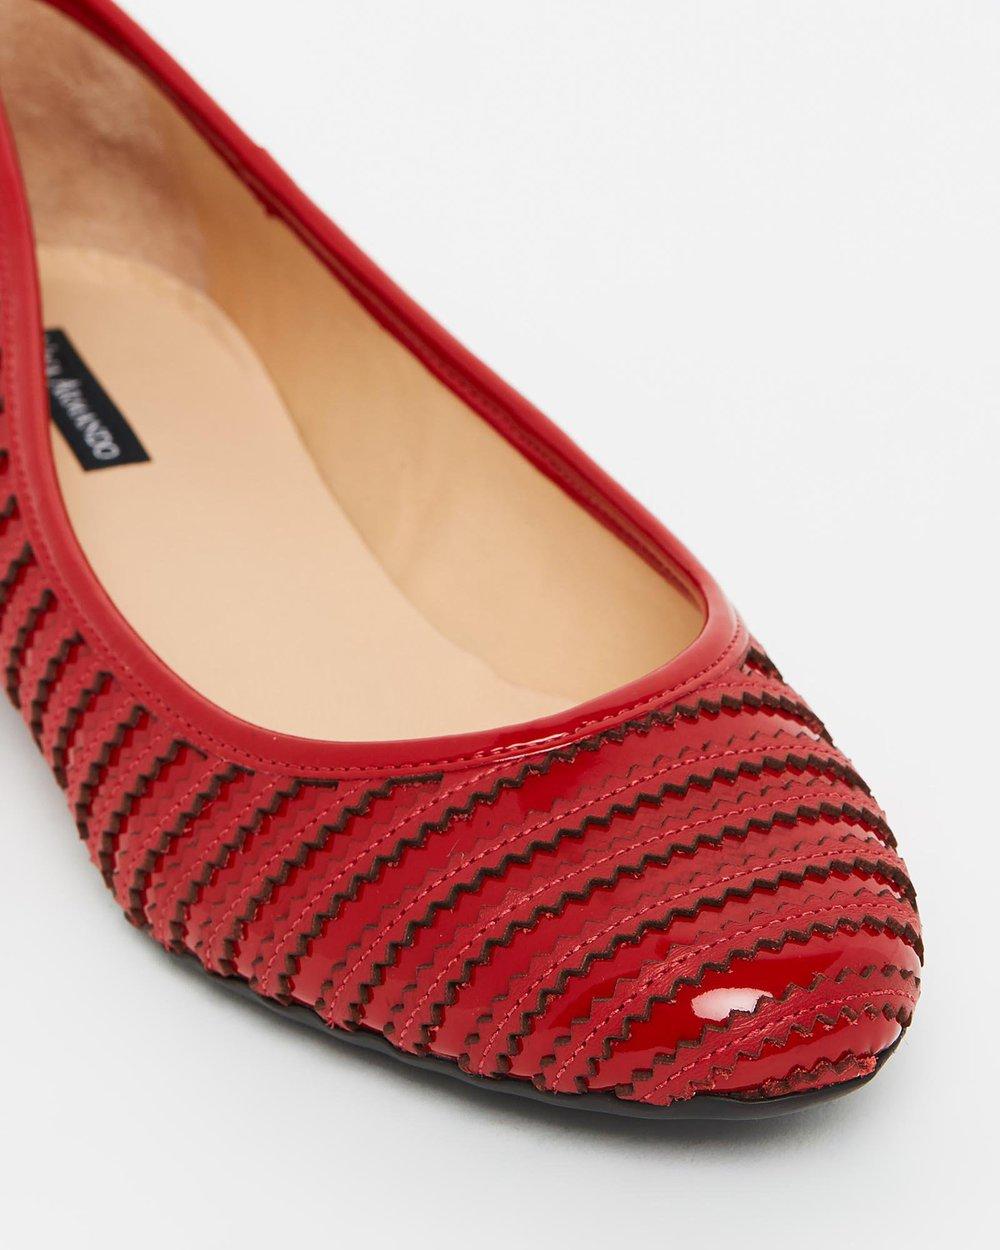 Zaria - Red